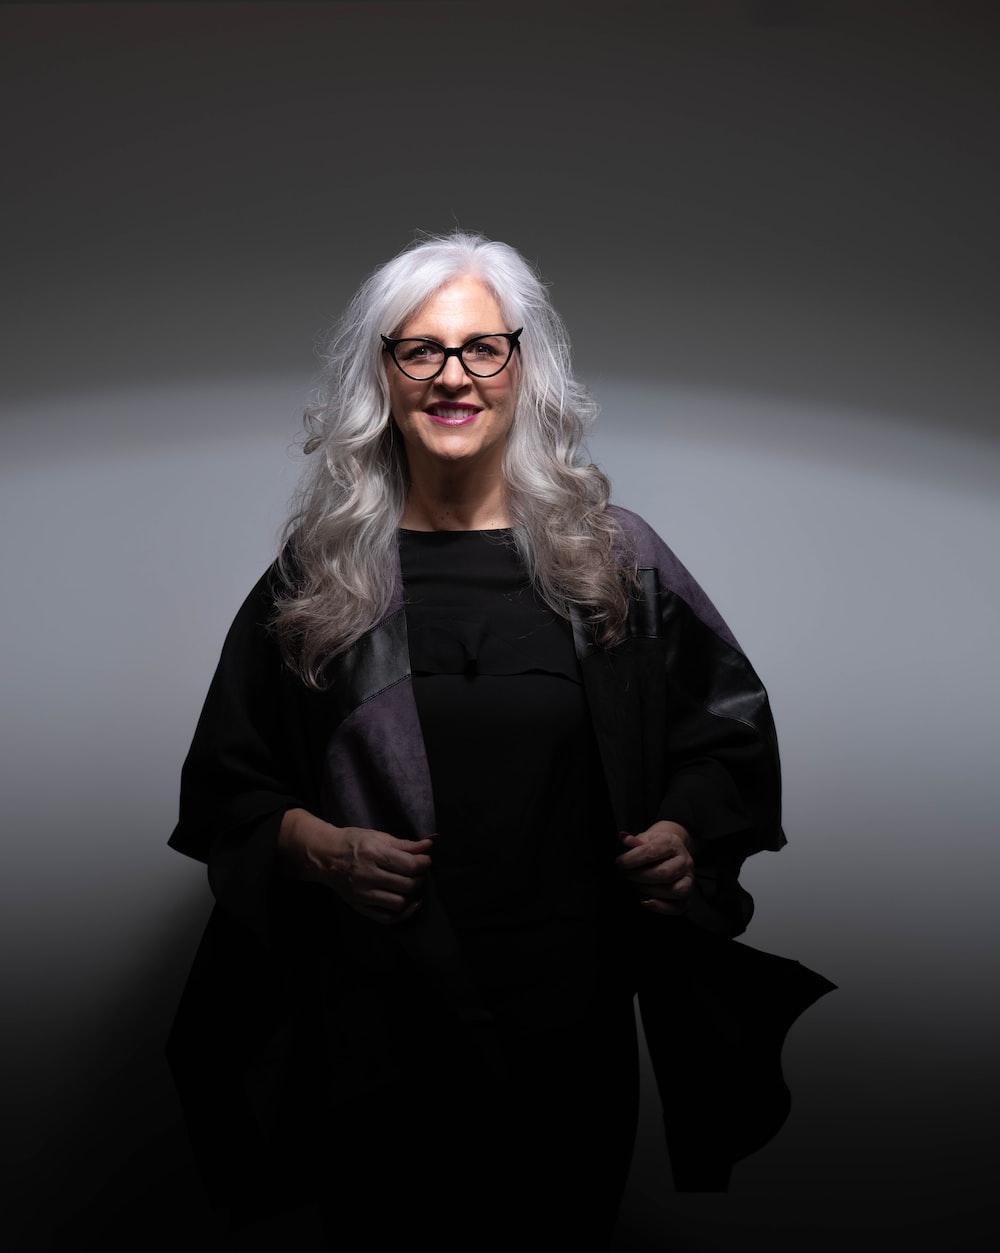 woman in black coat wearing eyeglasses